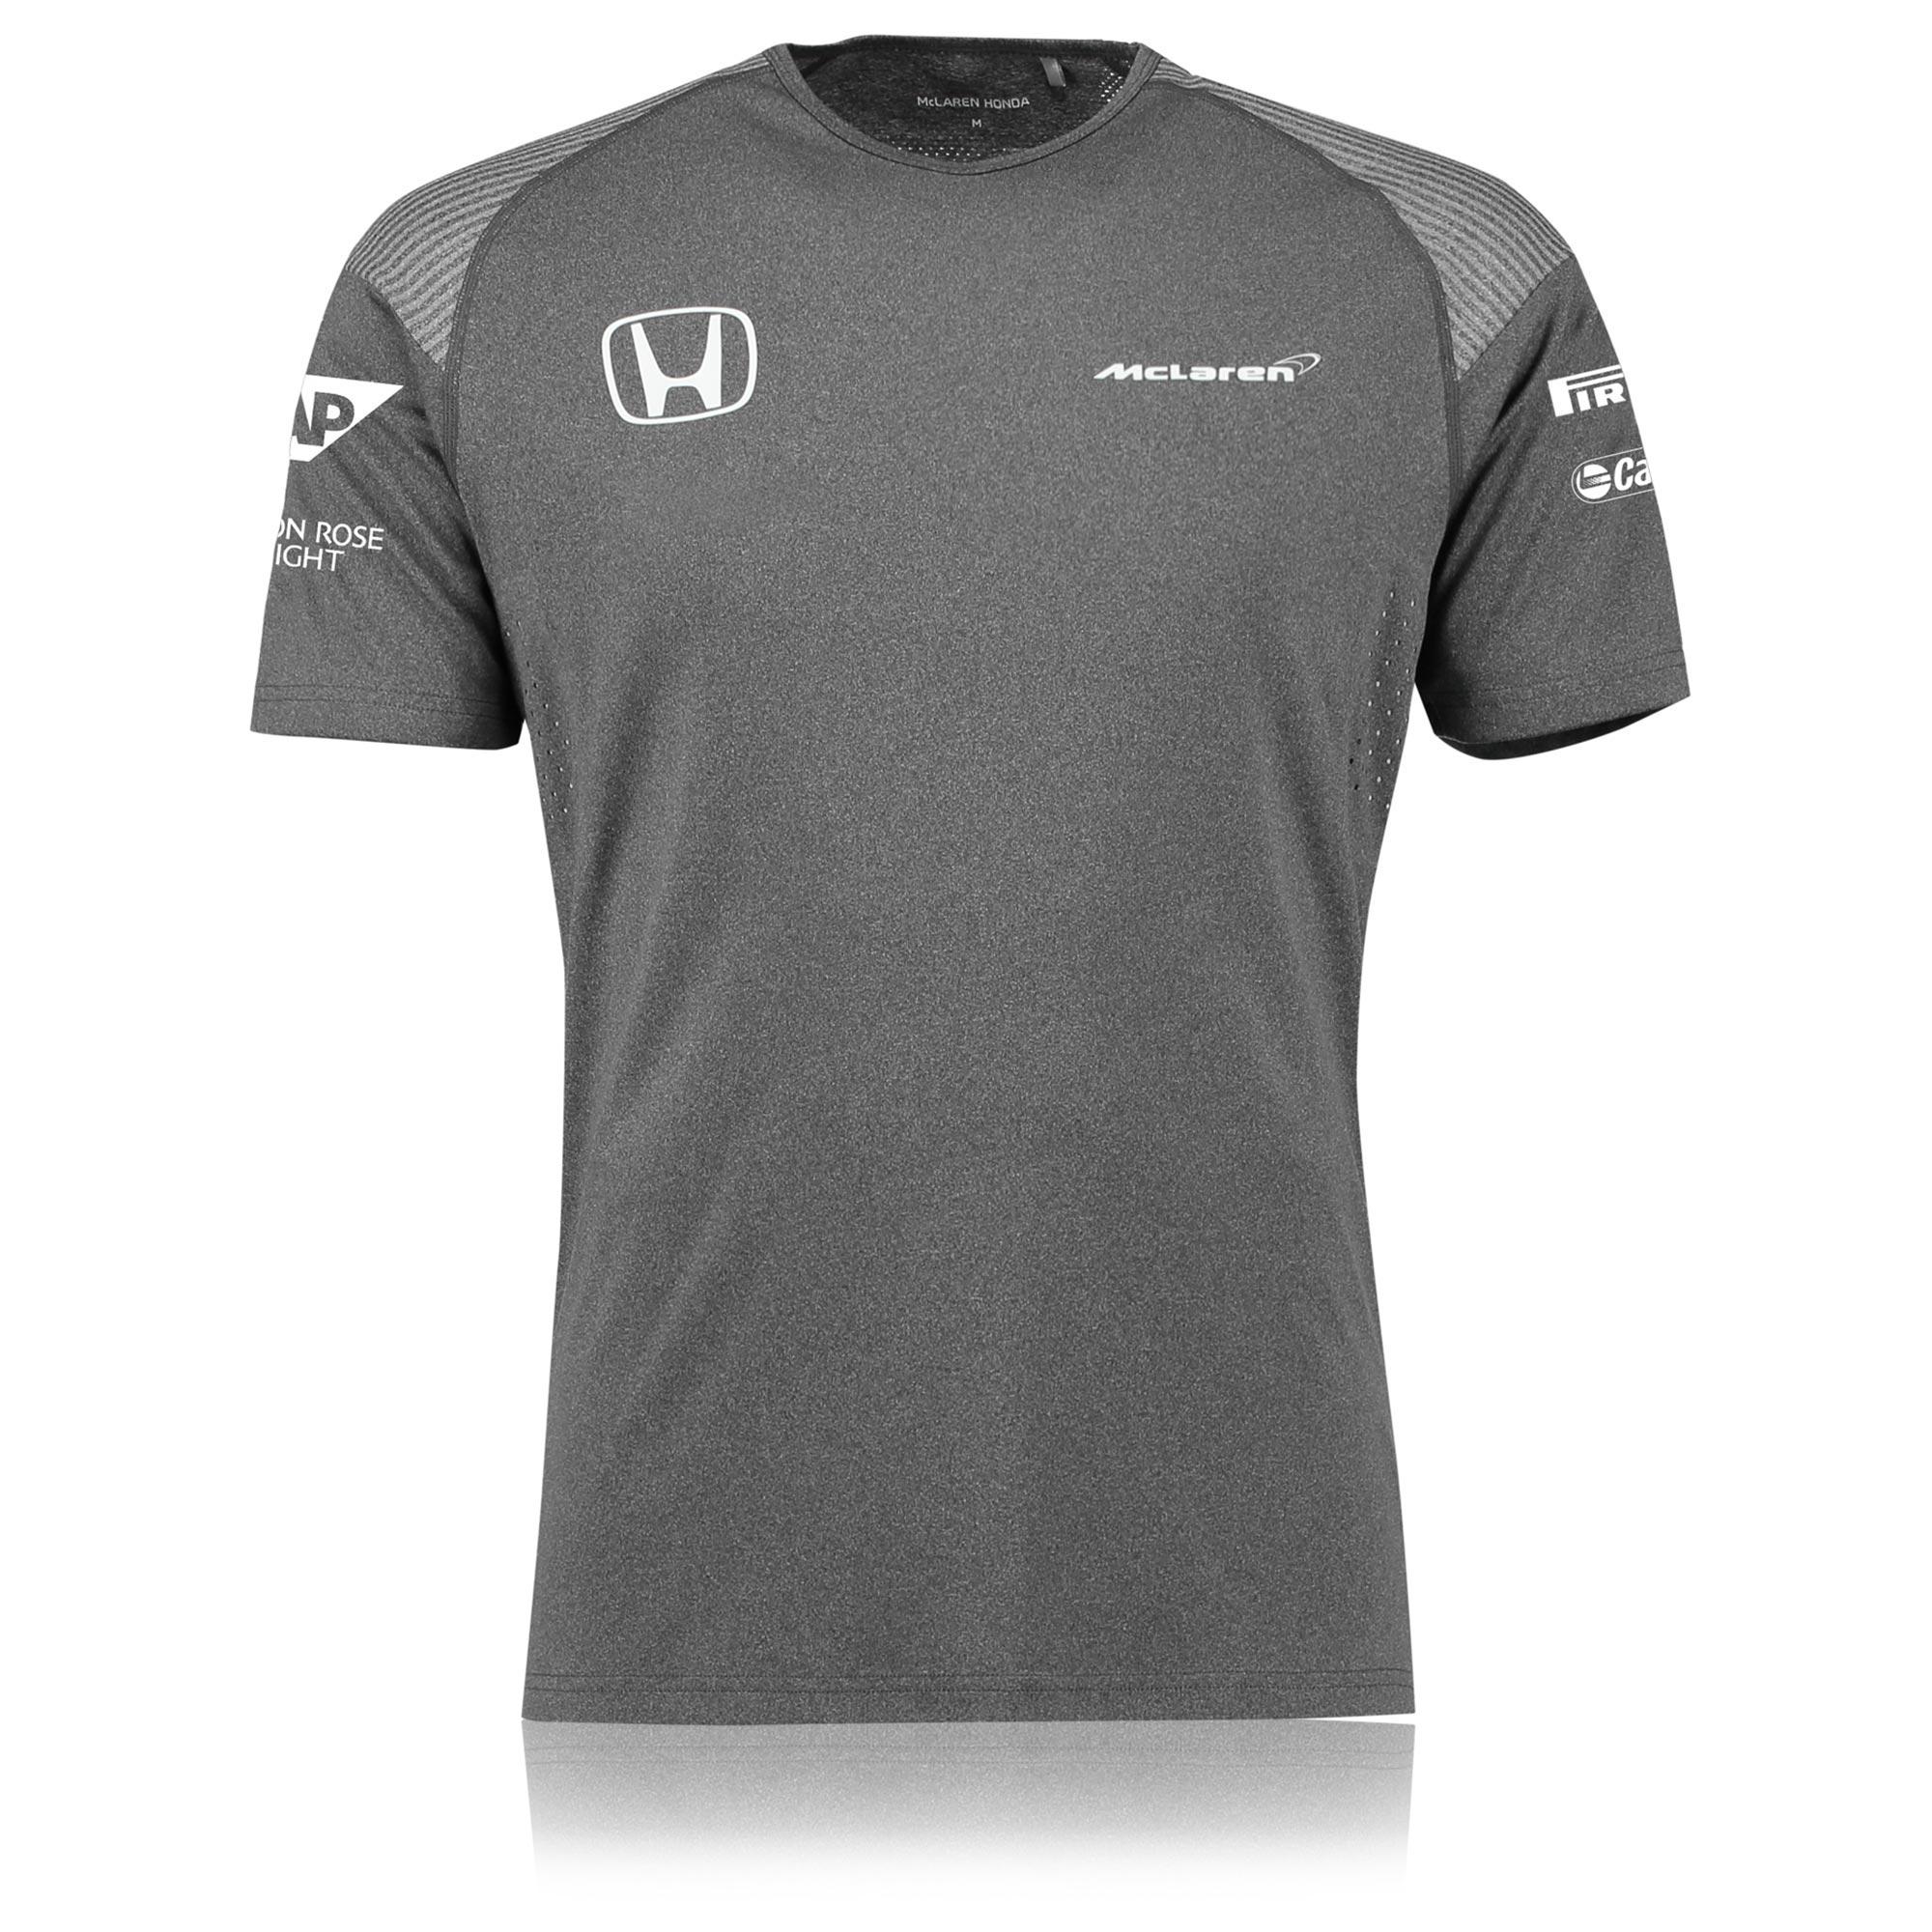 McLaren Honda Official 2017 Team T-Shirt